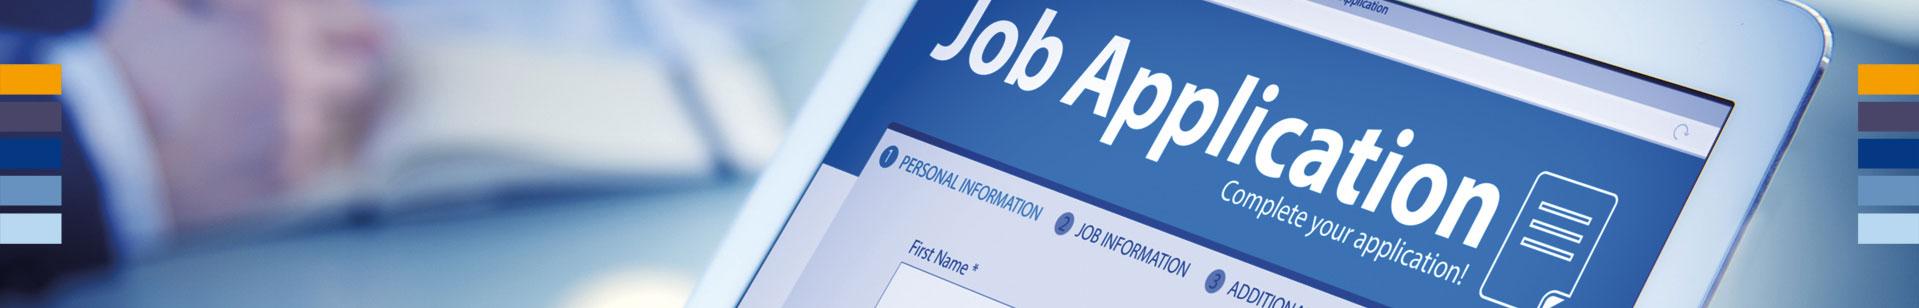 index 360-Grad-Recruiting-Profil